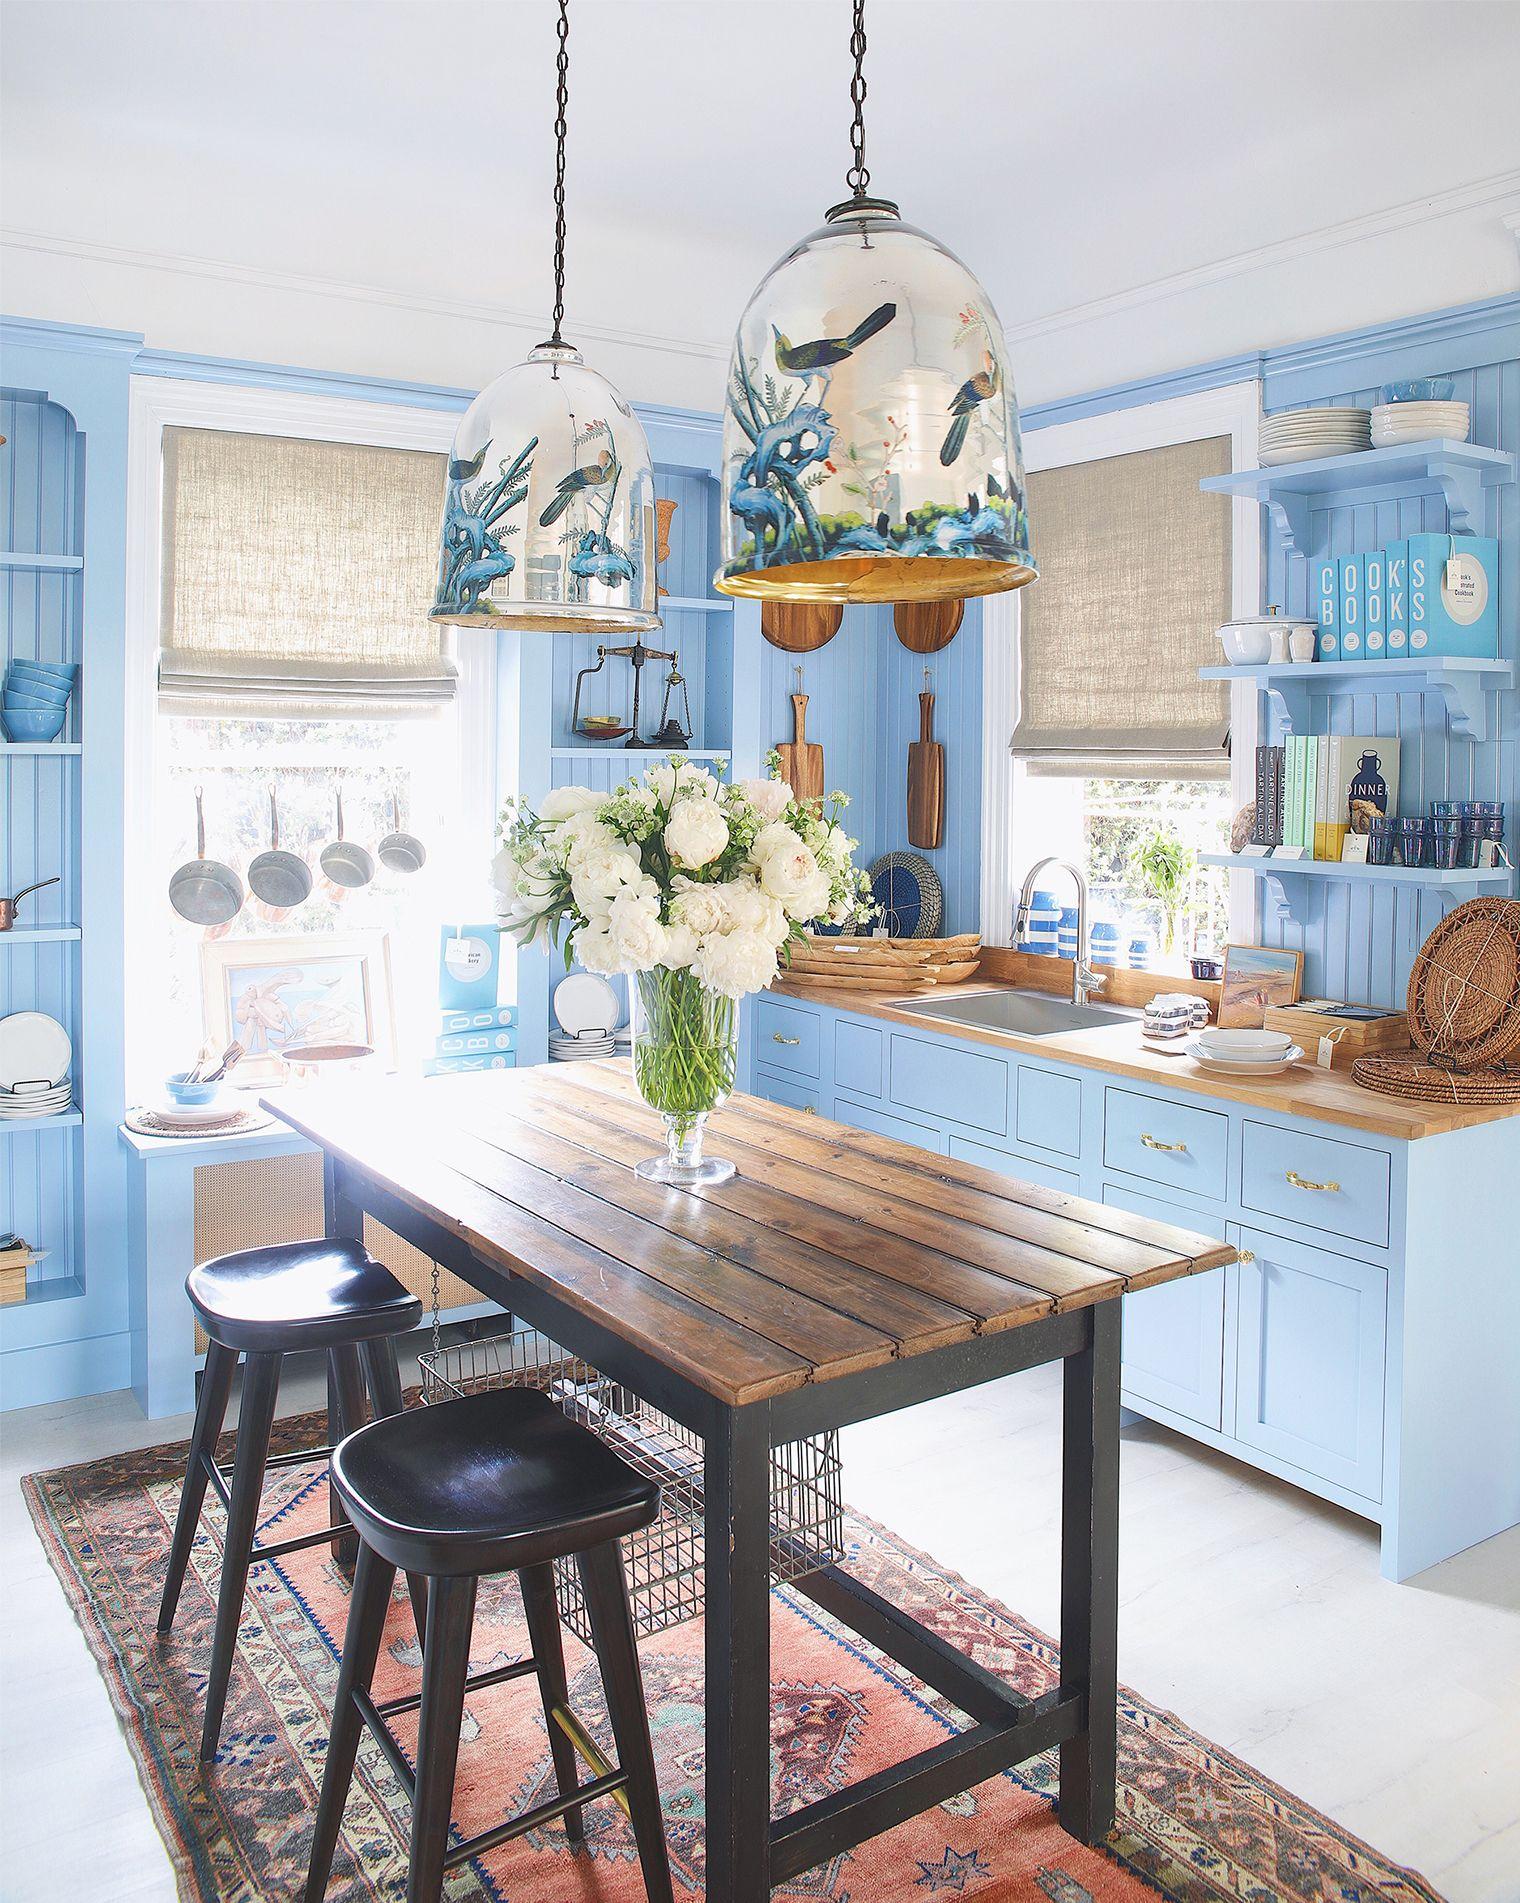 One Kings Lane Southampton Store Tour   Kitchen cabinets ...